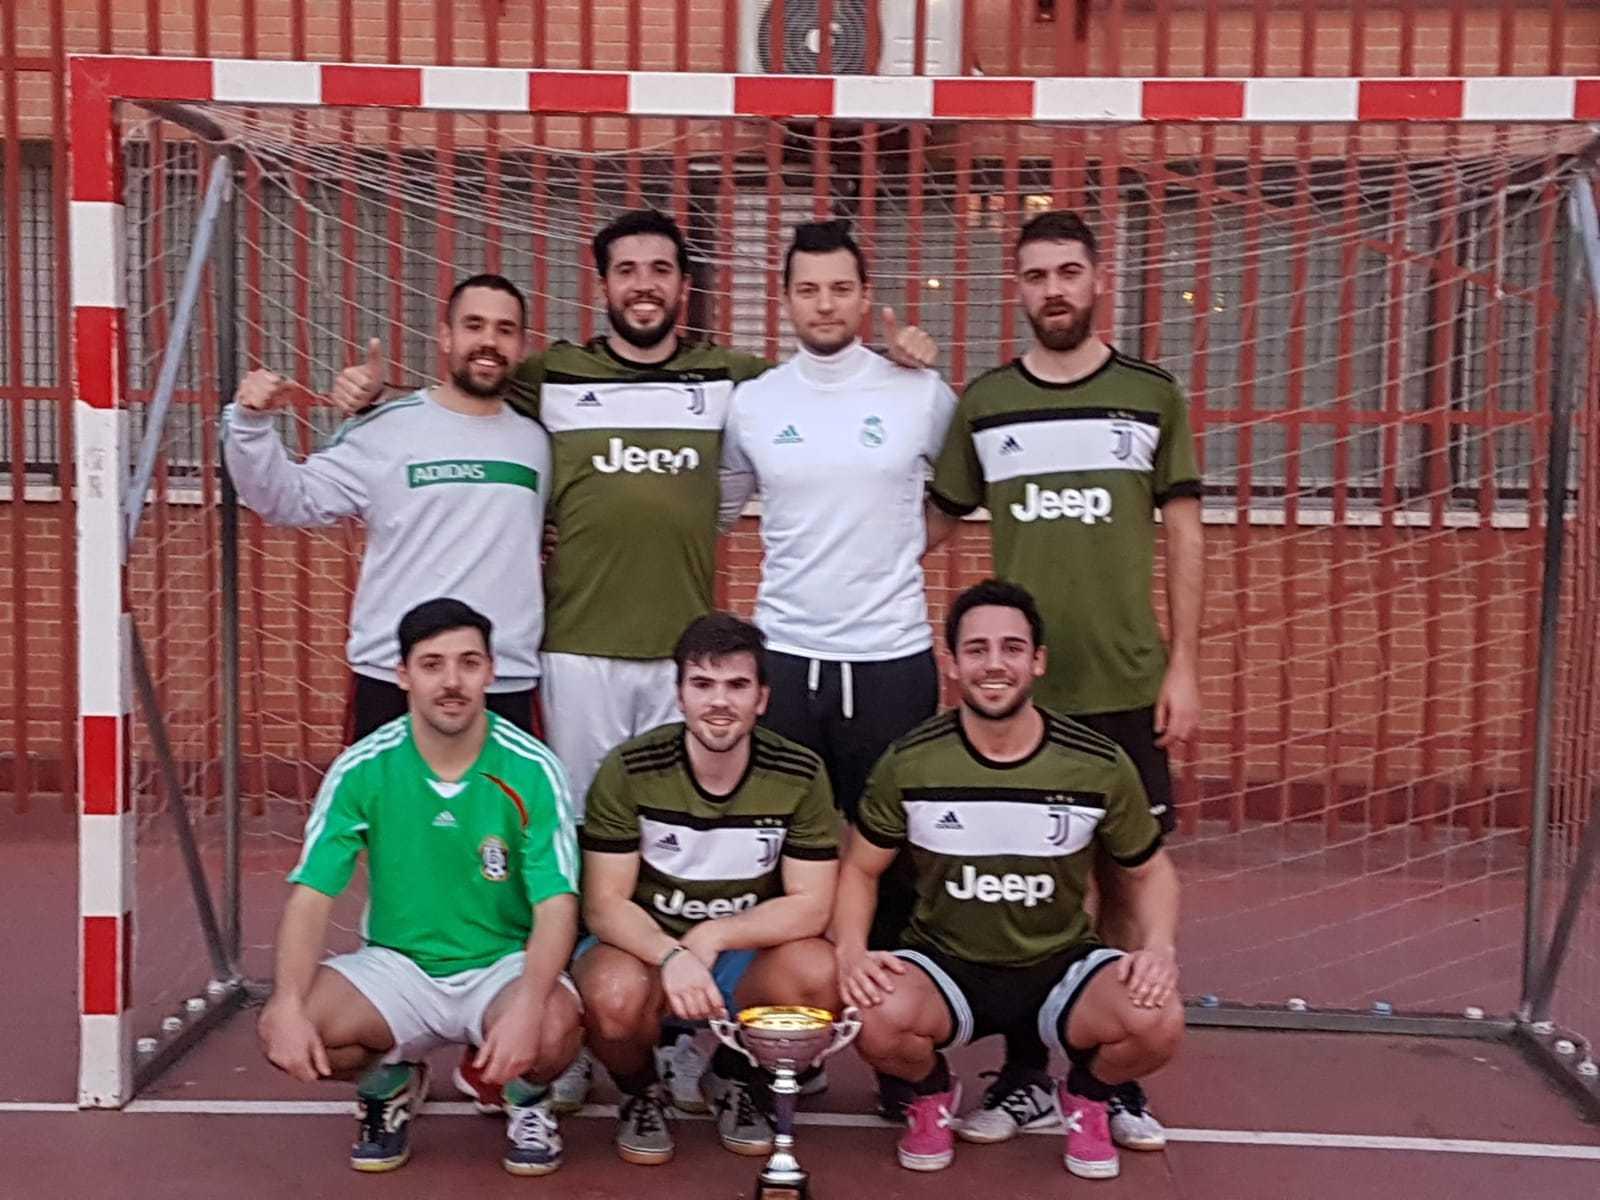 Torneo-fútbol-solidario-ALCES-03